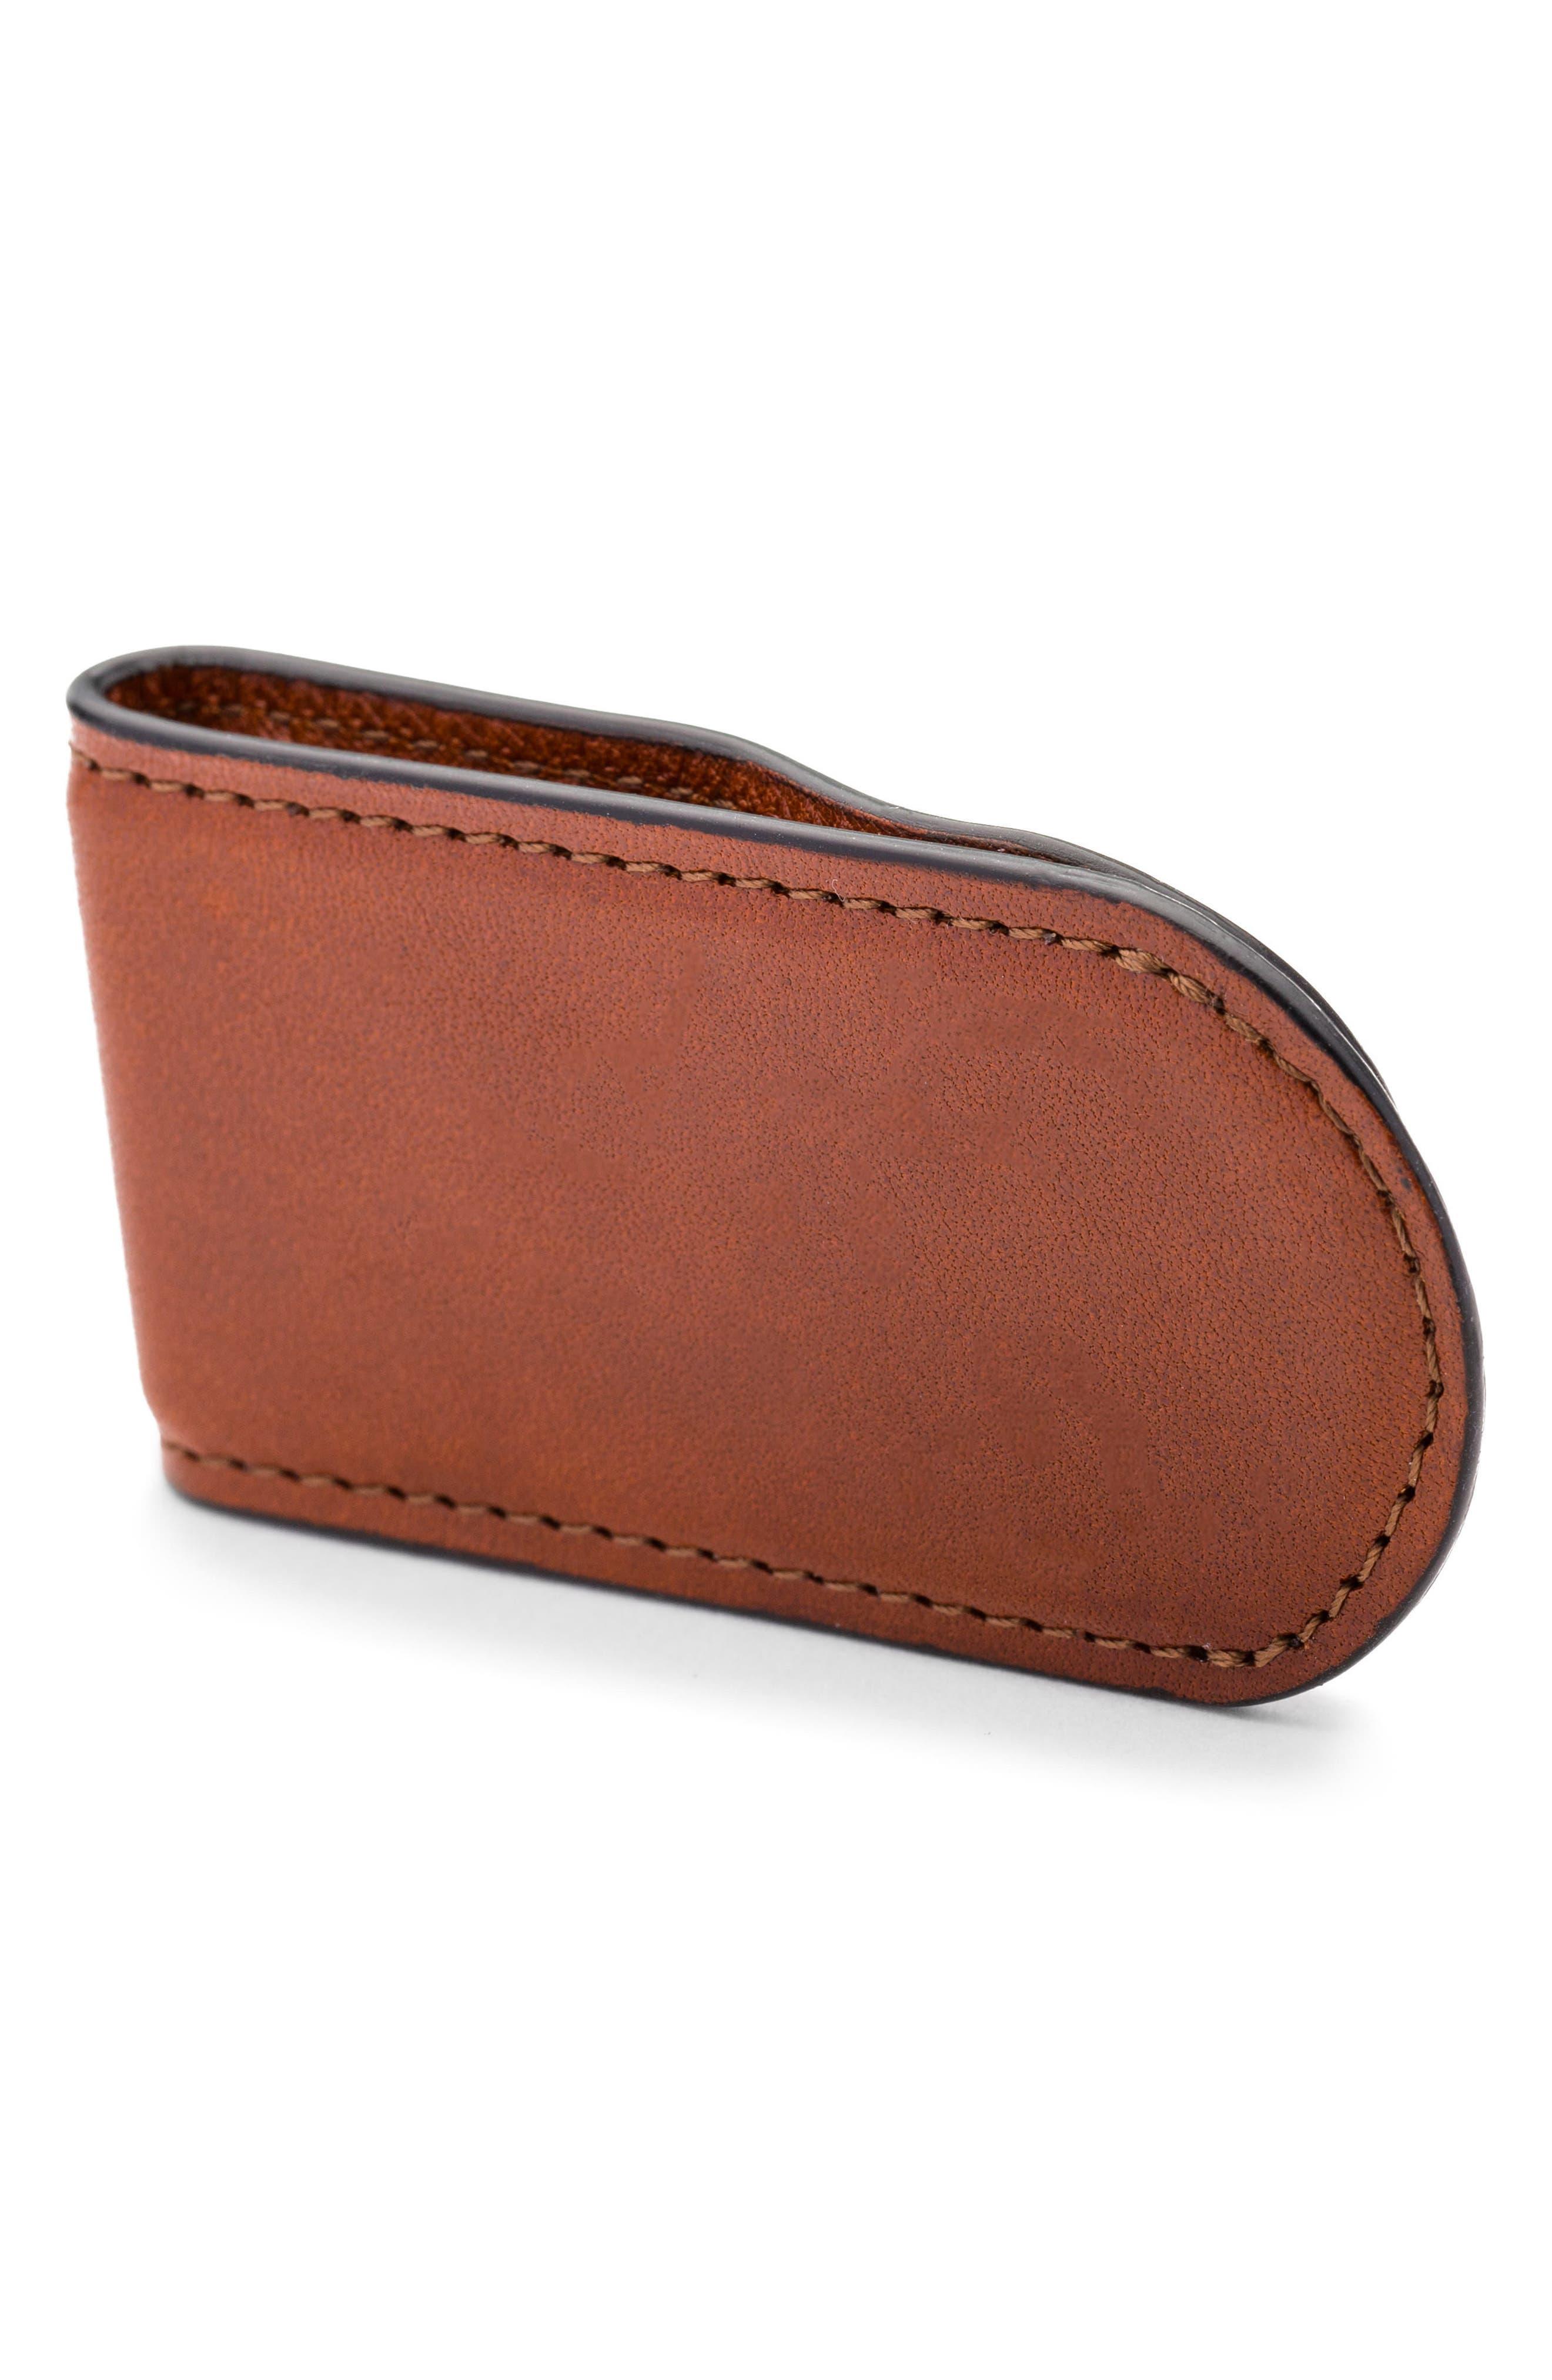 Leather Money Clip,                             Alternate thumbnail 2, color,                             233